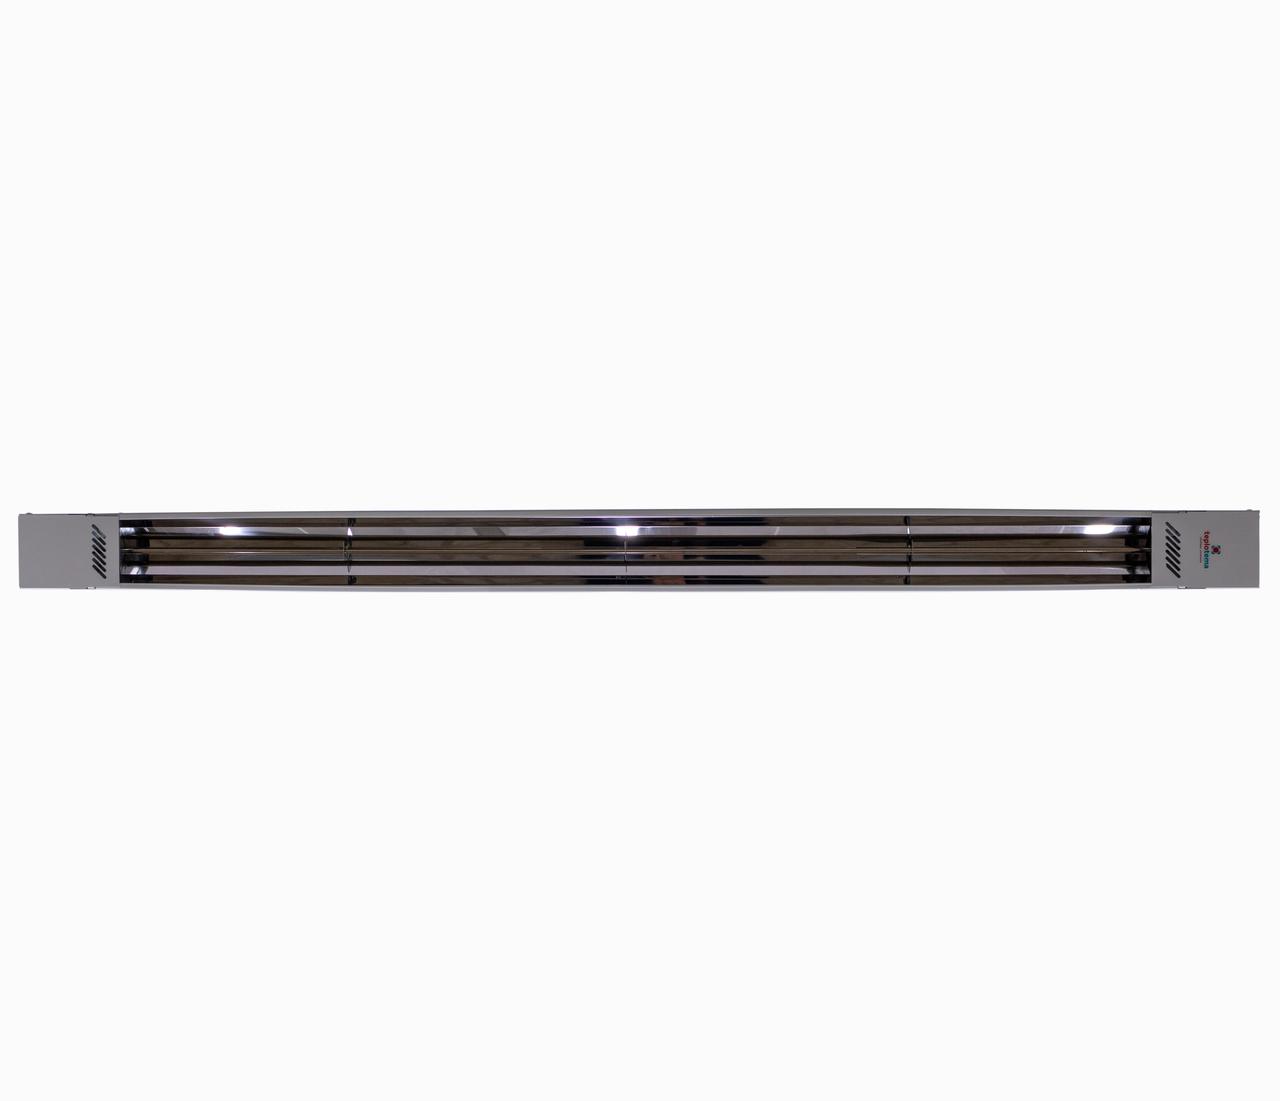 Вуличний інфрачервоний обігрівач Теплотема Z2000 (1800Вт), (ИЧ обогреватель уличный Teplotema)